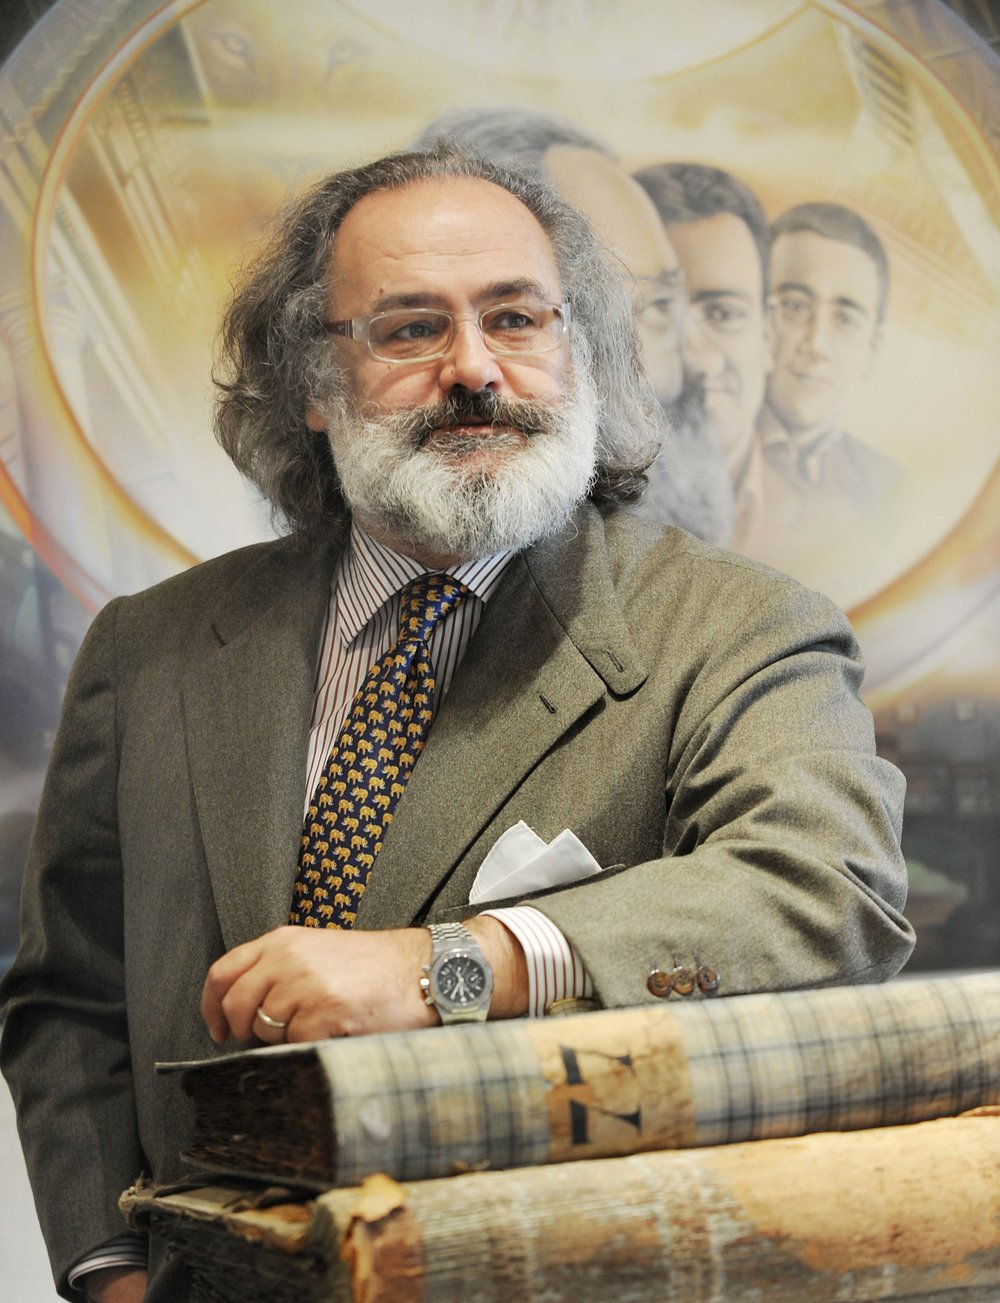 Stefano Ricci,意大利頂級男裝同名品牌創始人。